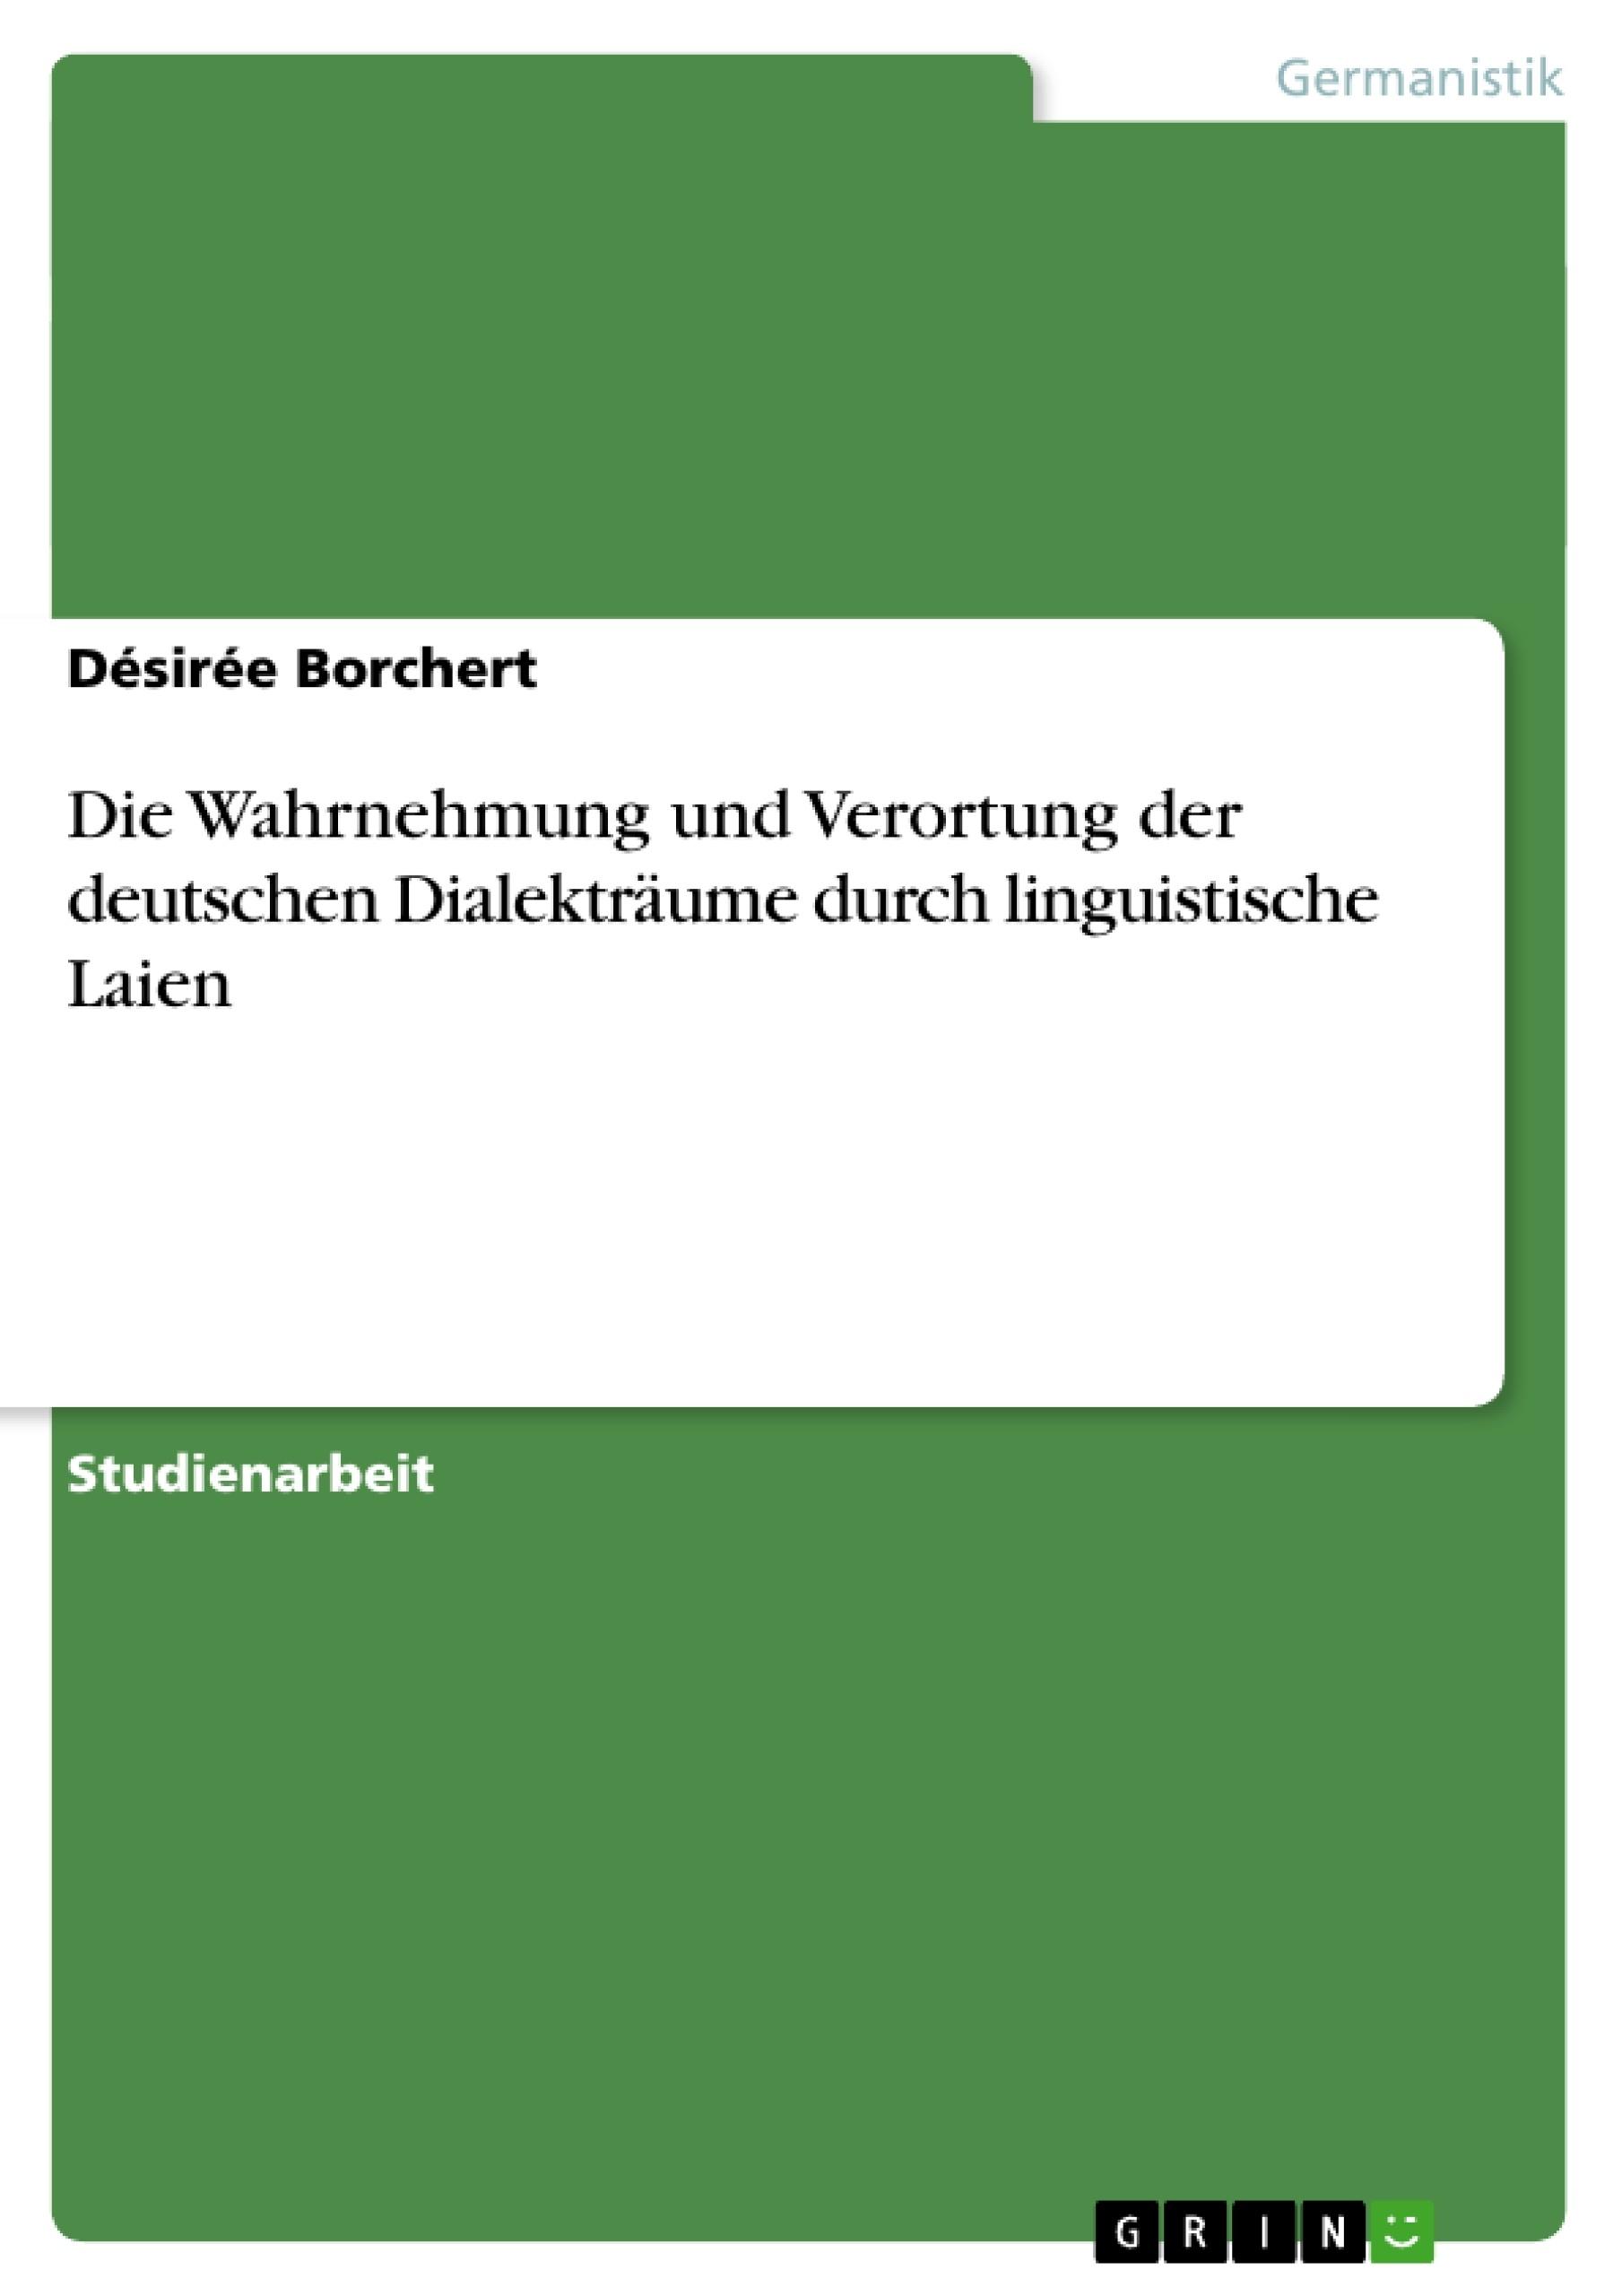 Titel: Die Wahrnehmung und Verortung der deutschen Dialekträume durch linguistische Laien